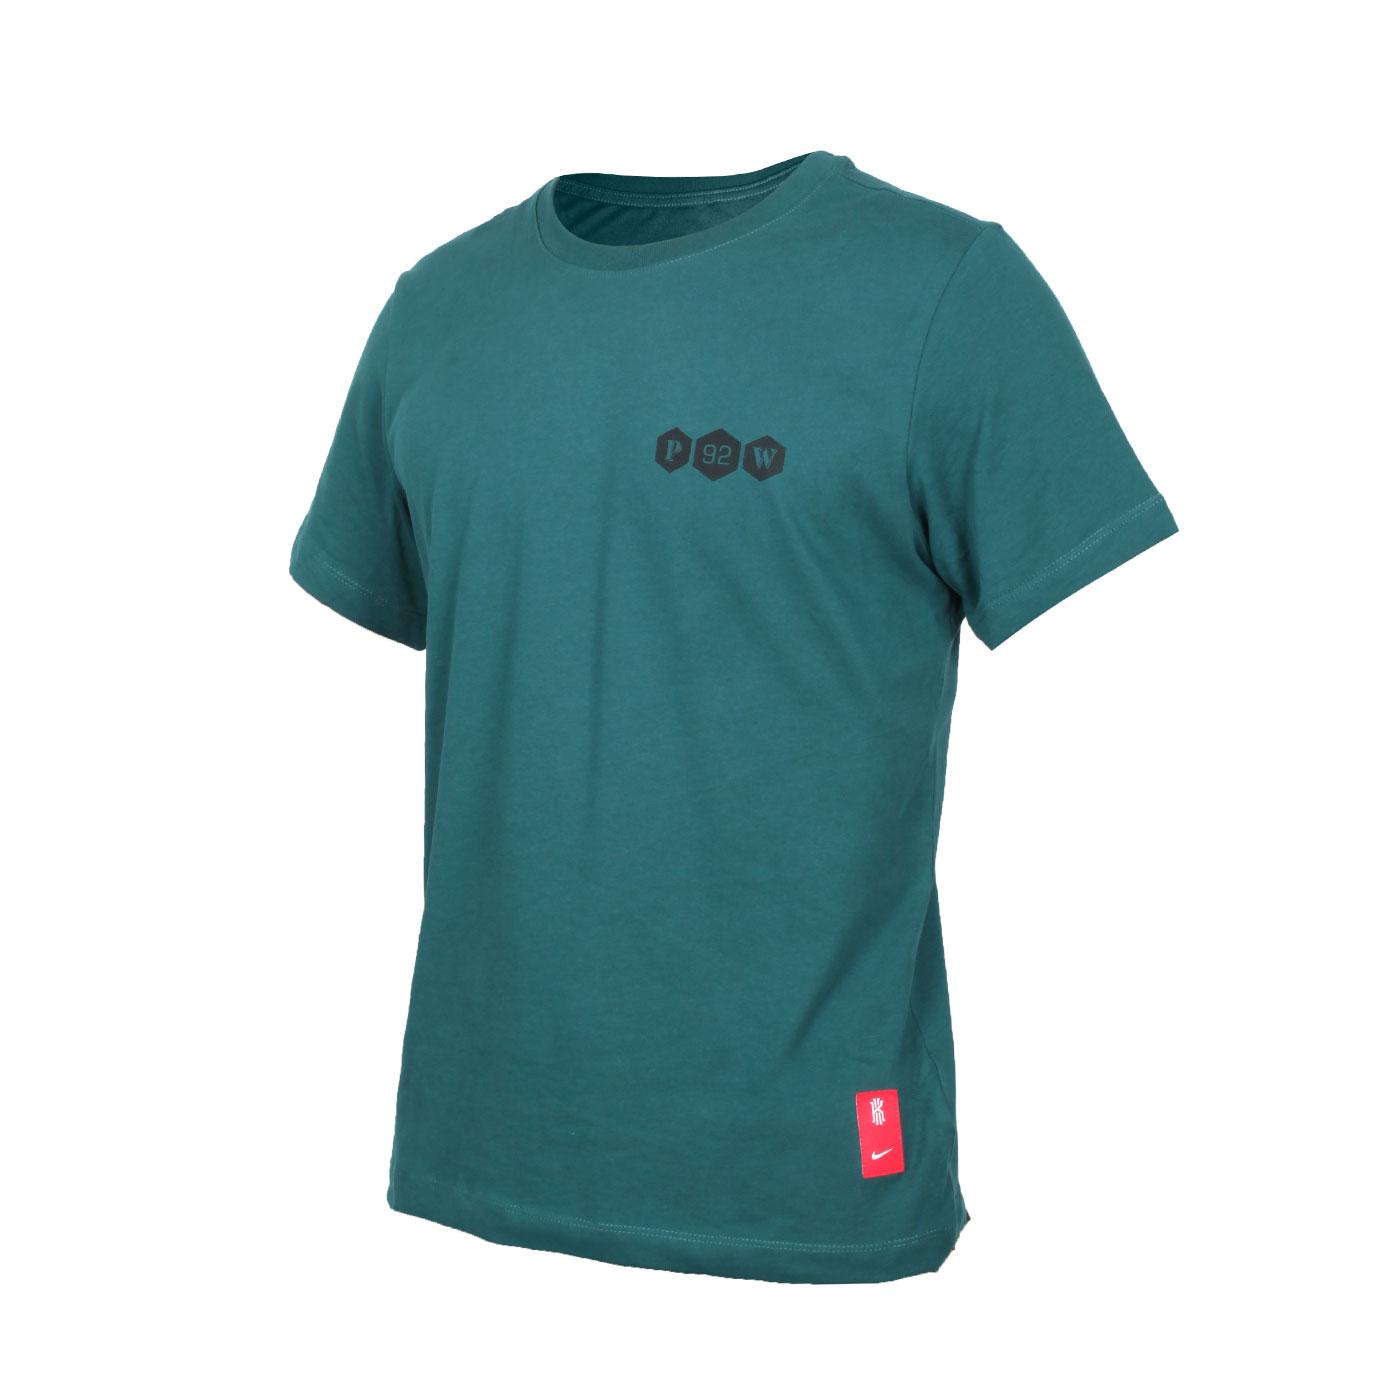 NIKE 男款短袖T恤 CV2061-300